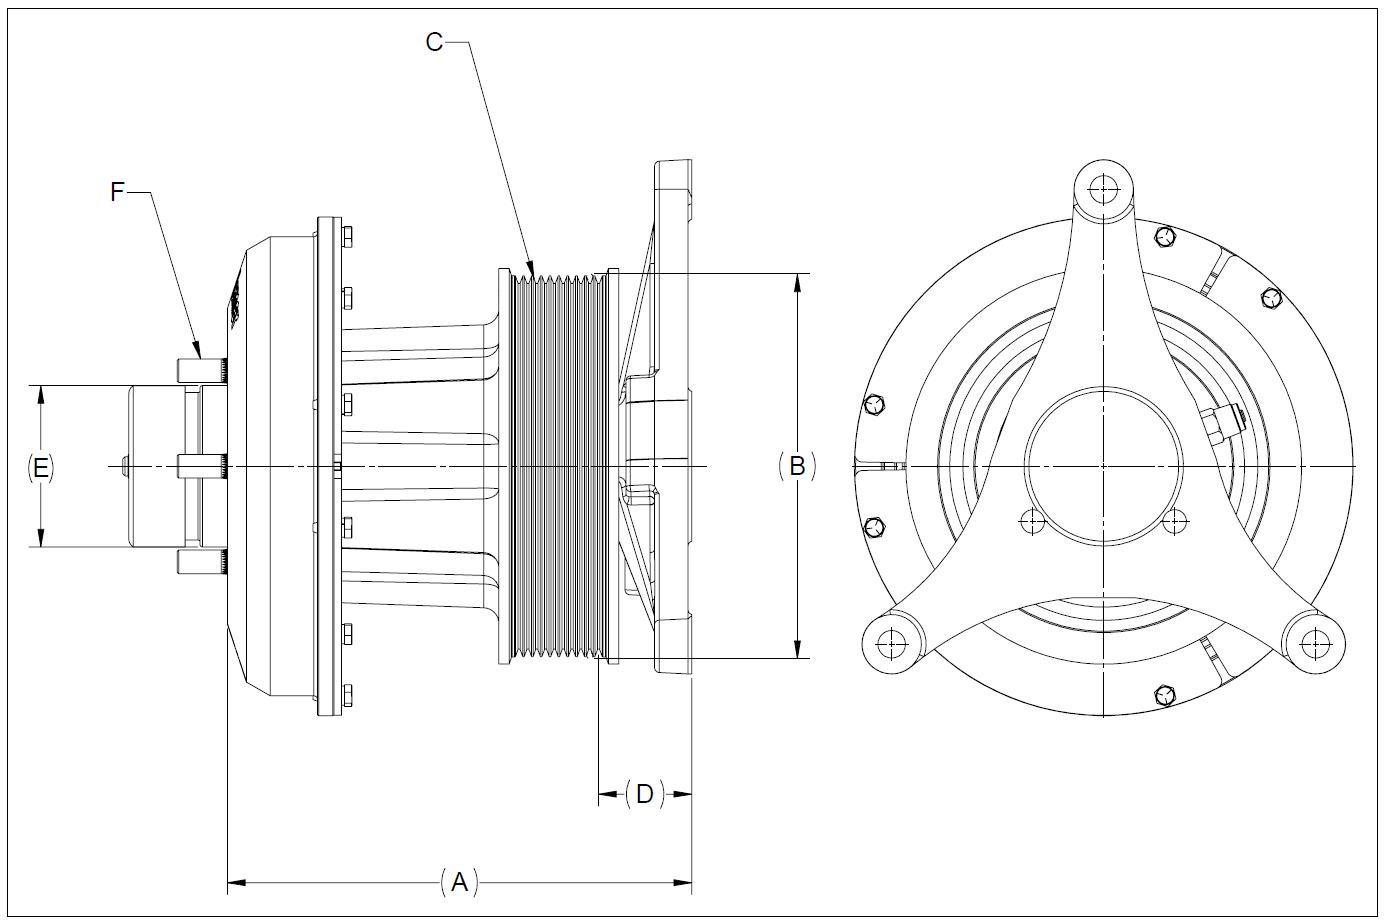 010021882 K30 Rear Air Fan Drive Assembly